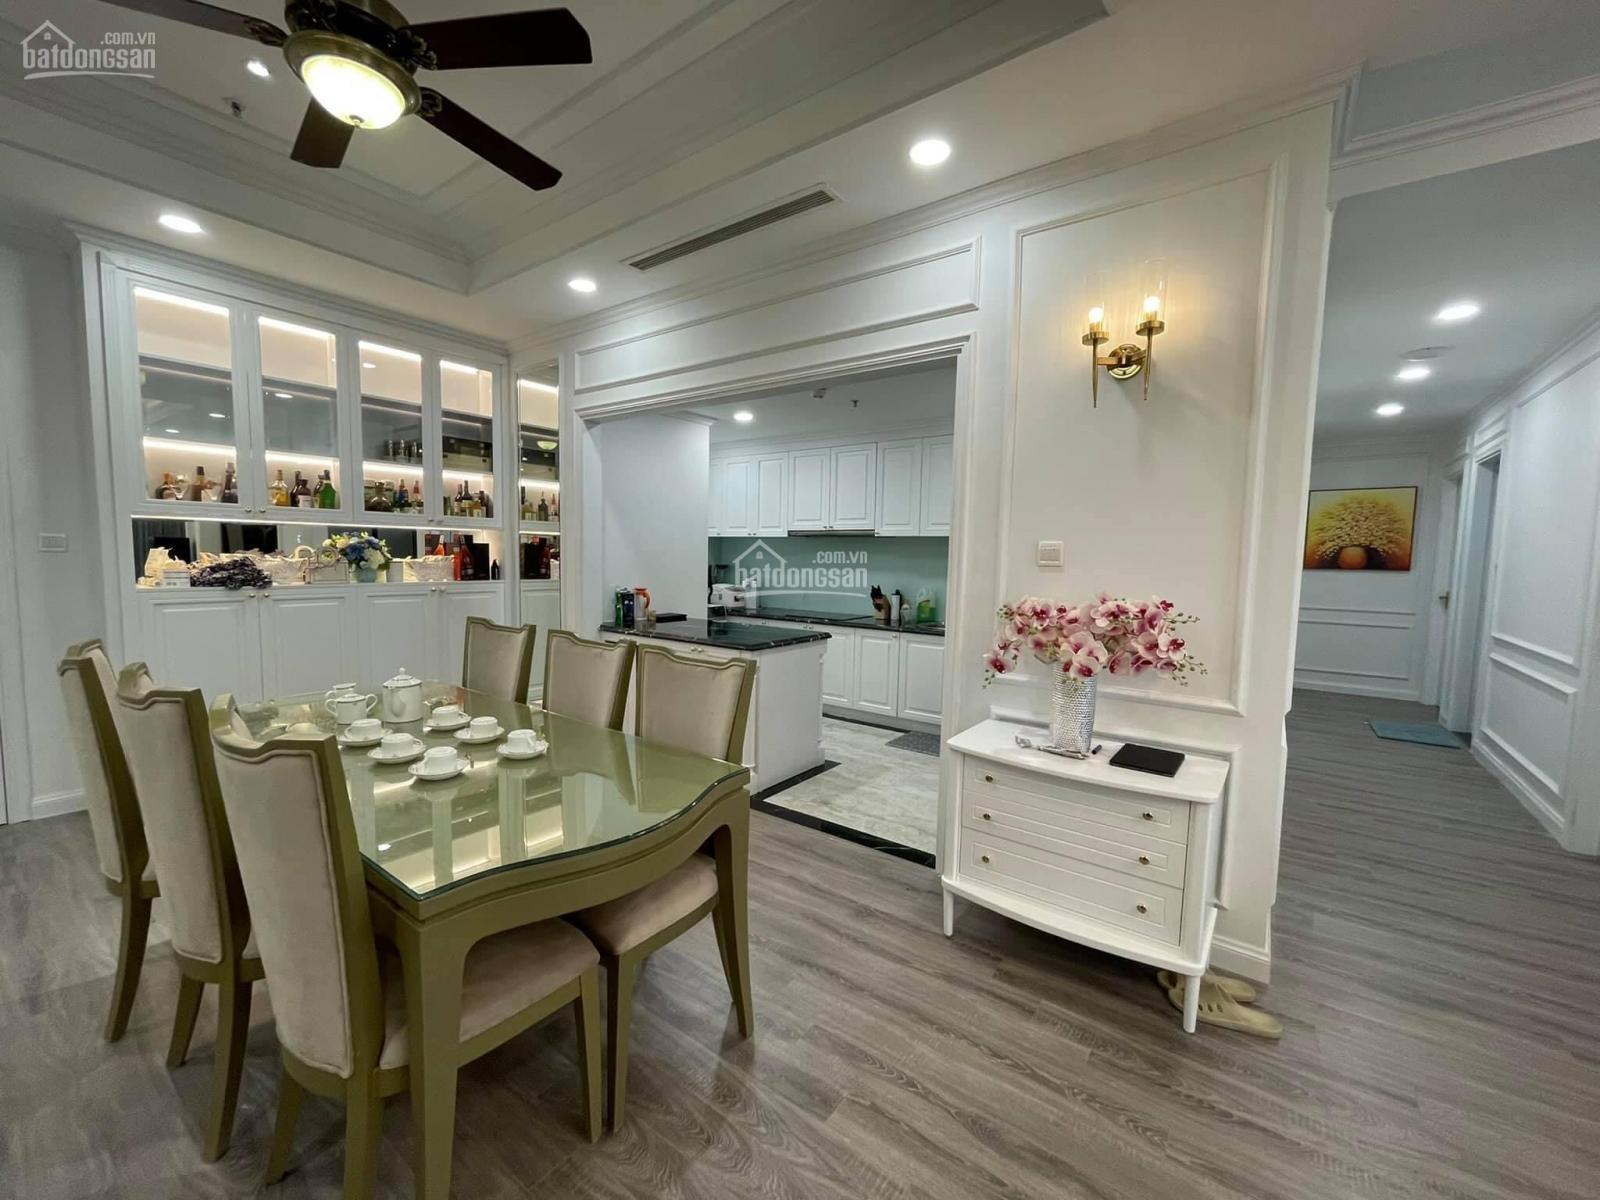 Cắt lỗ sâu căn 3pn tòa R4 - 130m2 full nội thất đẳng cấp giá chỉ 8.1tỷ tại Royal City LH 0399037688